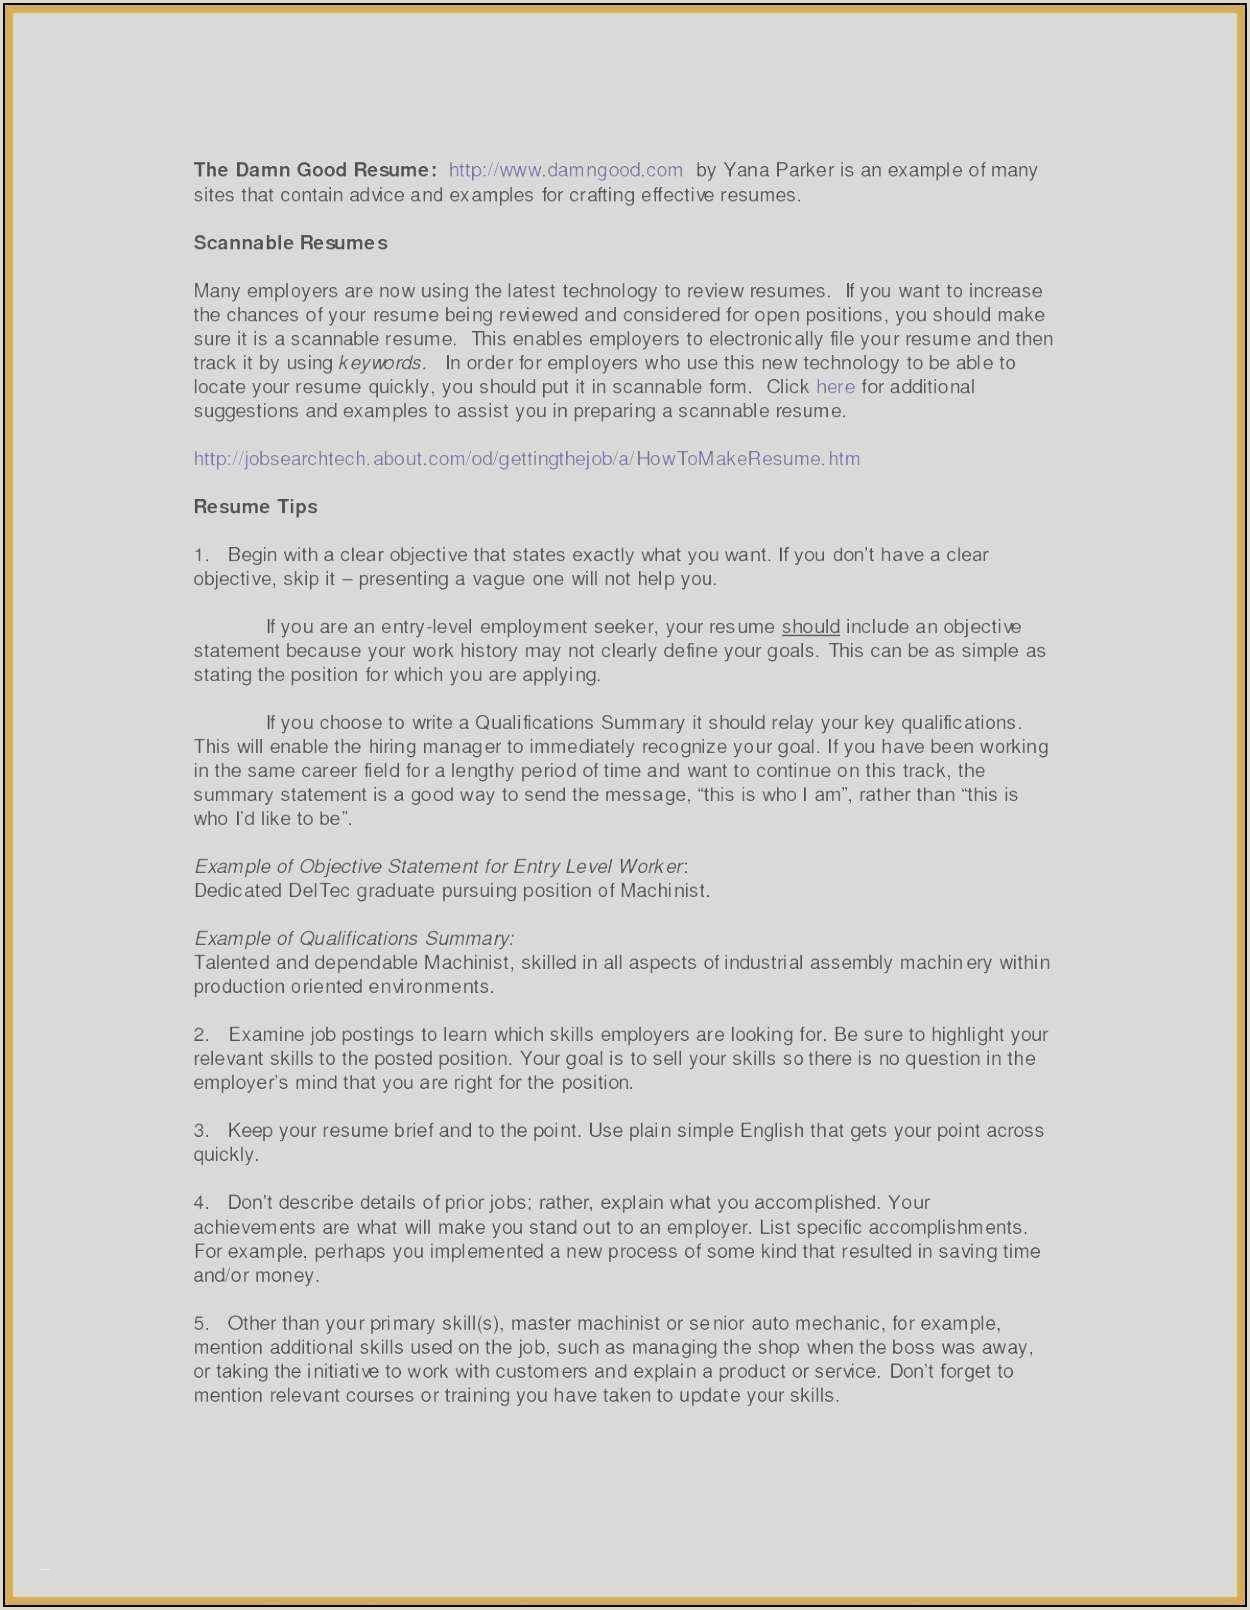 Statement Processing panies Sample Resume format Pdf